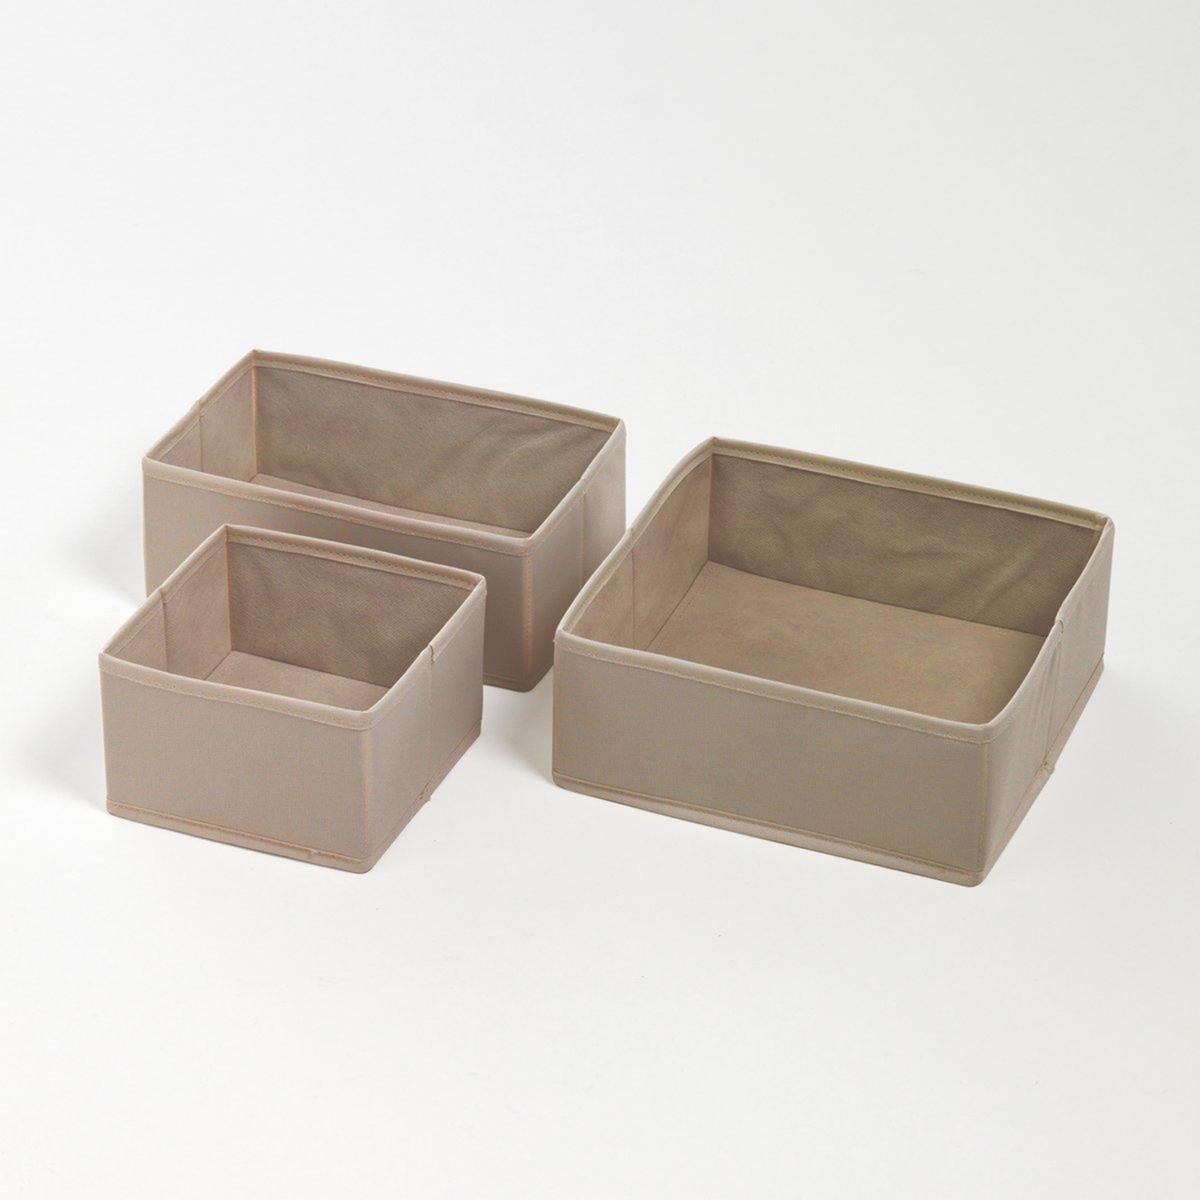 Комплект из 3 складных коробок для хранения вещей, 3 размераХарактеристики коробки для хранения вещей :- Из твердого картона, покрытого полиэстером, цвет экрю.Коробки поставляются готовыми к сборке, инструкция прилагается.Размеры :- Ш.16 x В.10 x Г.16 см.- Ш.25 x В.10 x Г.25 см.- Ш.25 x В.10 x Г.16 см.<br><br>Цвет: серо-коричневый каштан